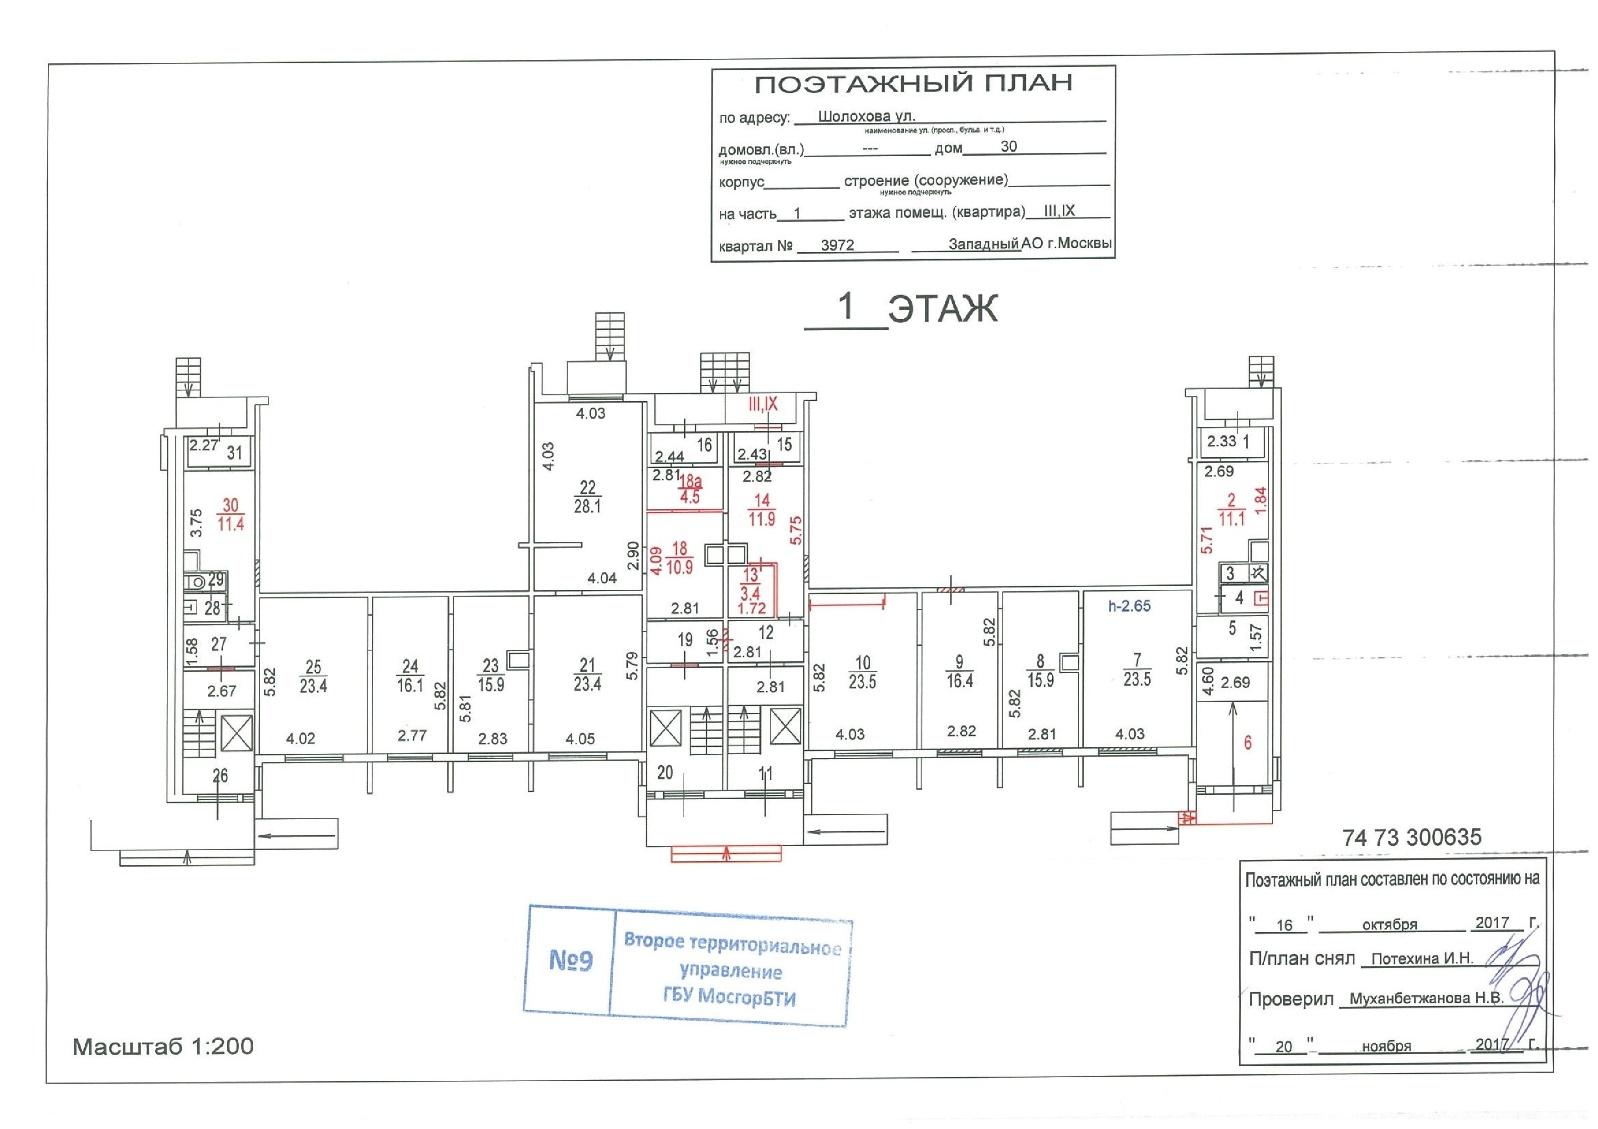 На поэтажном плане кадастровый инженер отметит новую конфигурацию помещения после перепланировки.